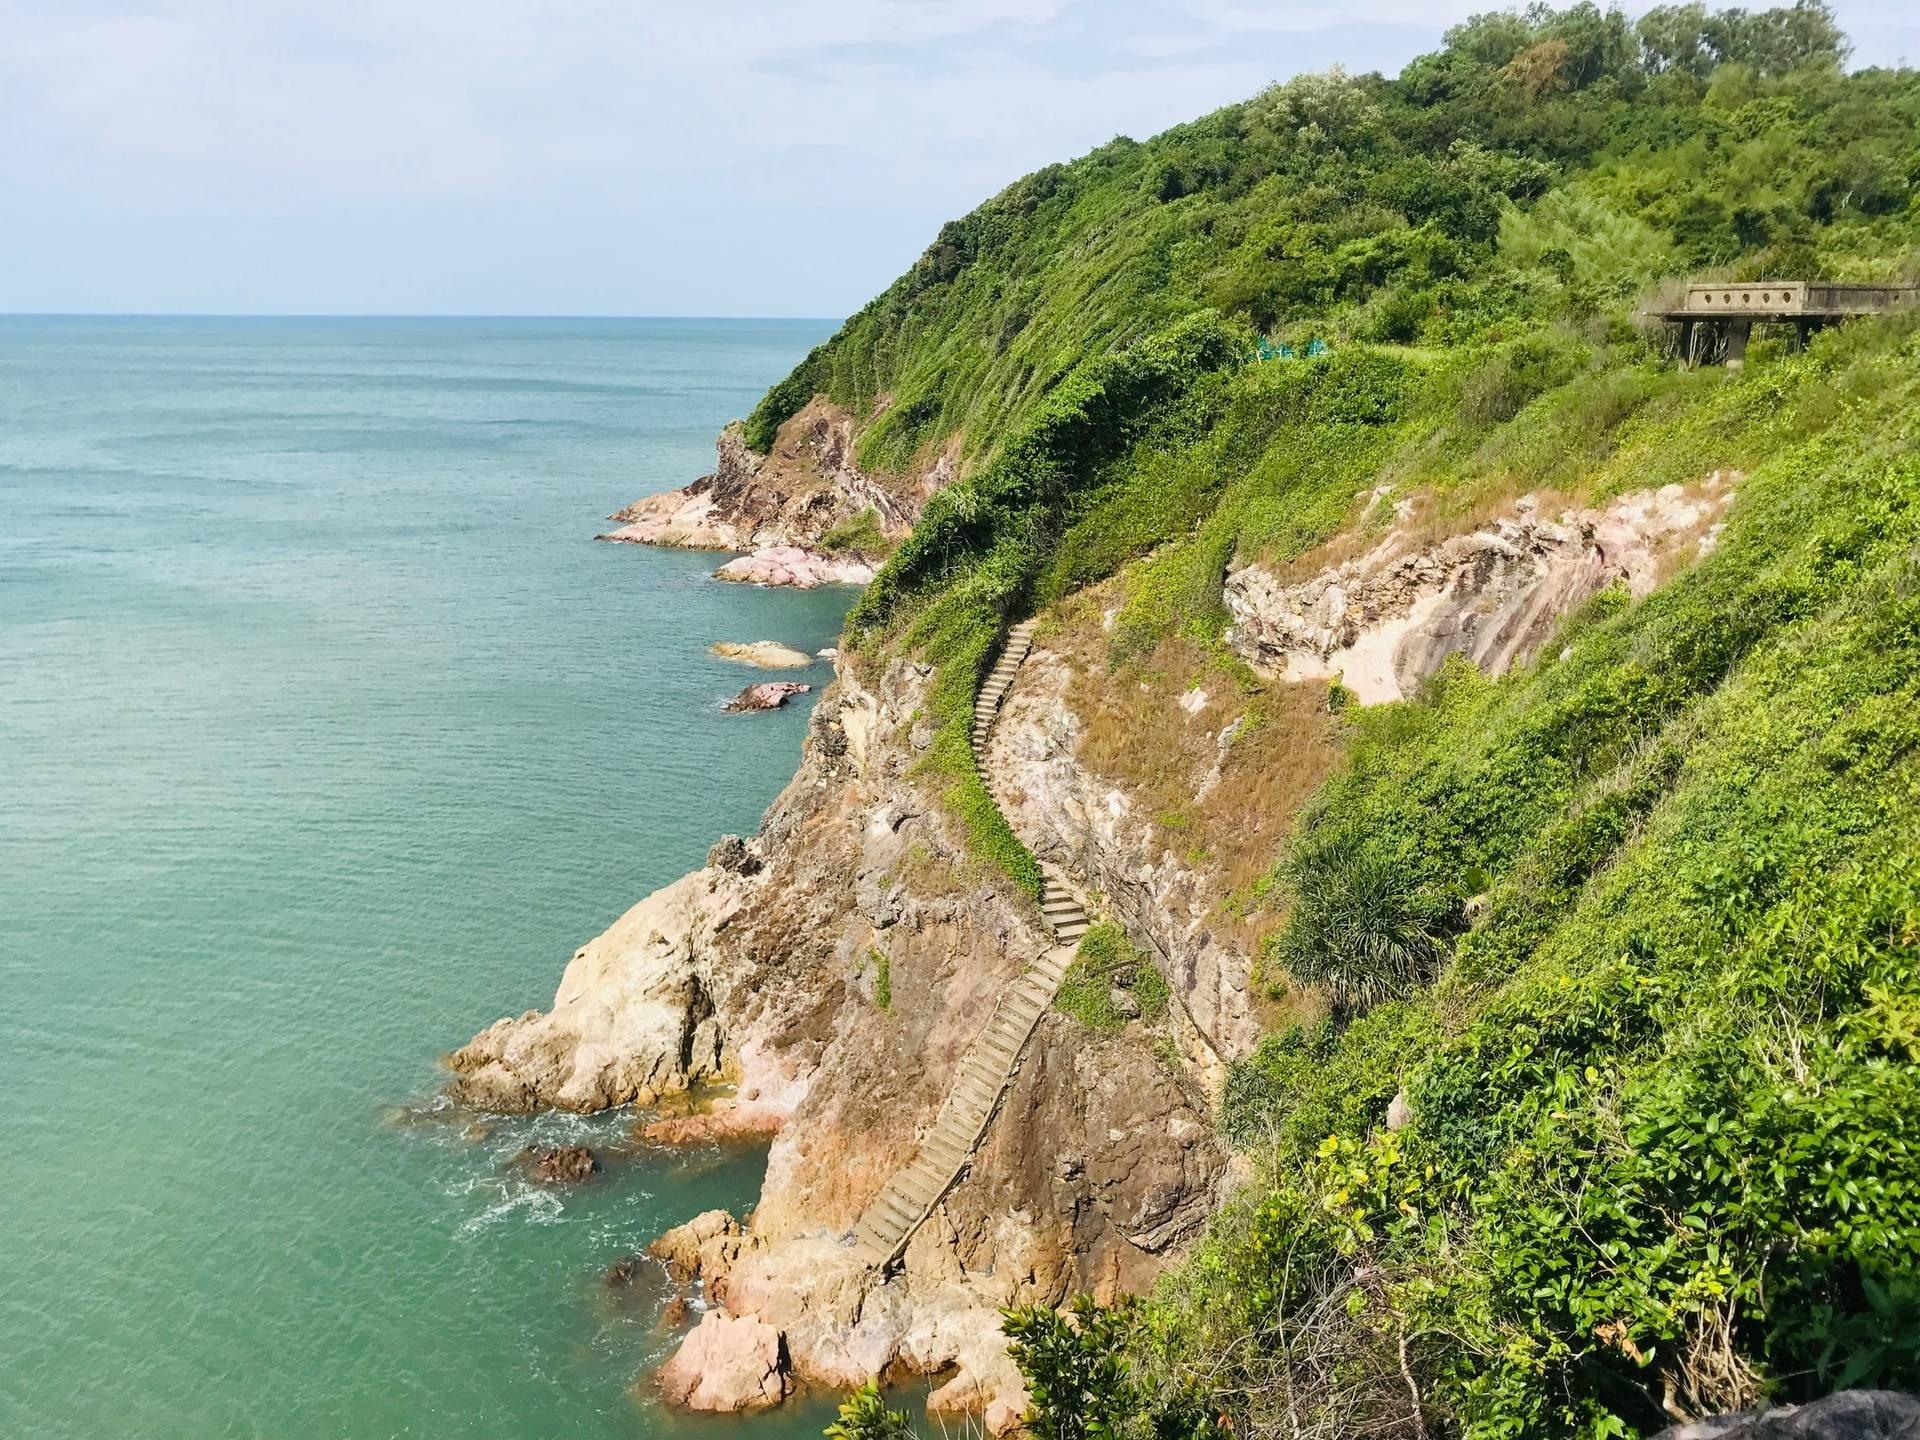 เกาะเปริด จันทบุรี  ที่แห่งนี้มีมนต์เสน่ห์